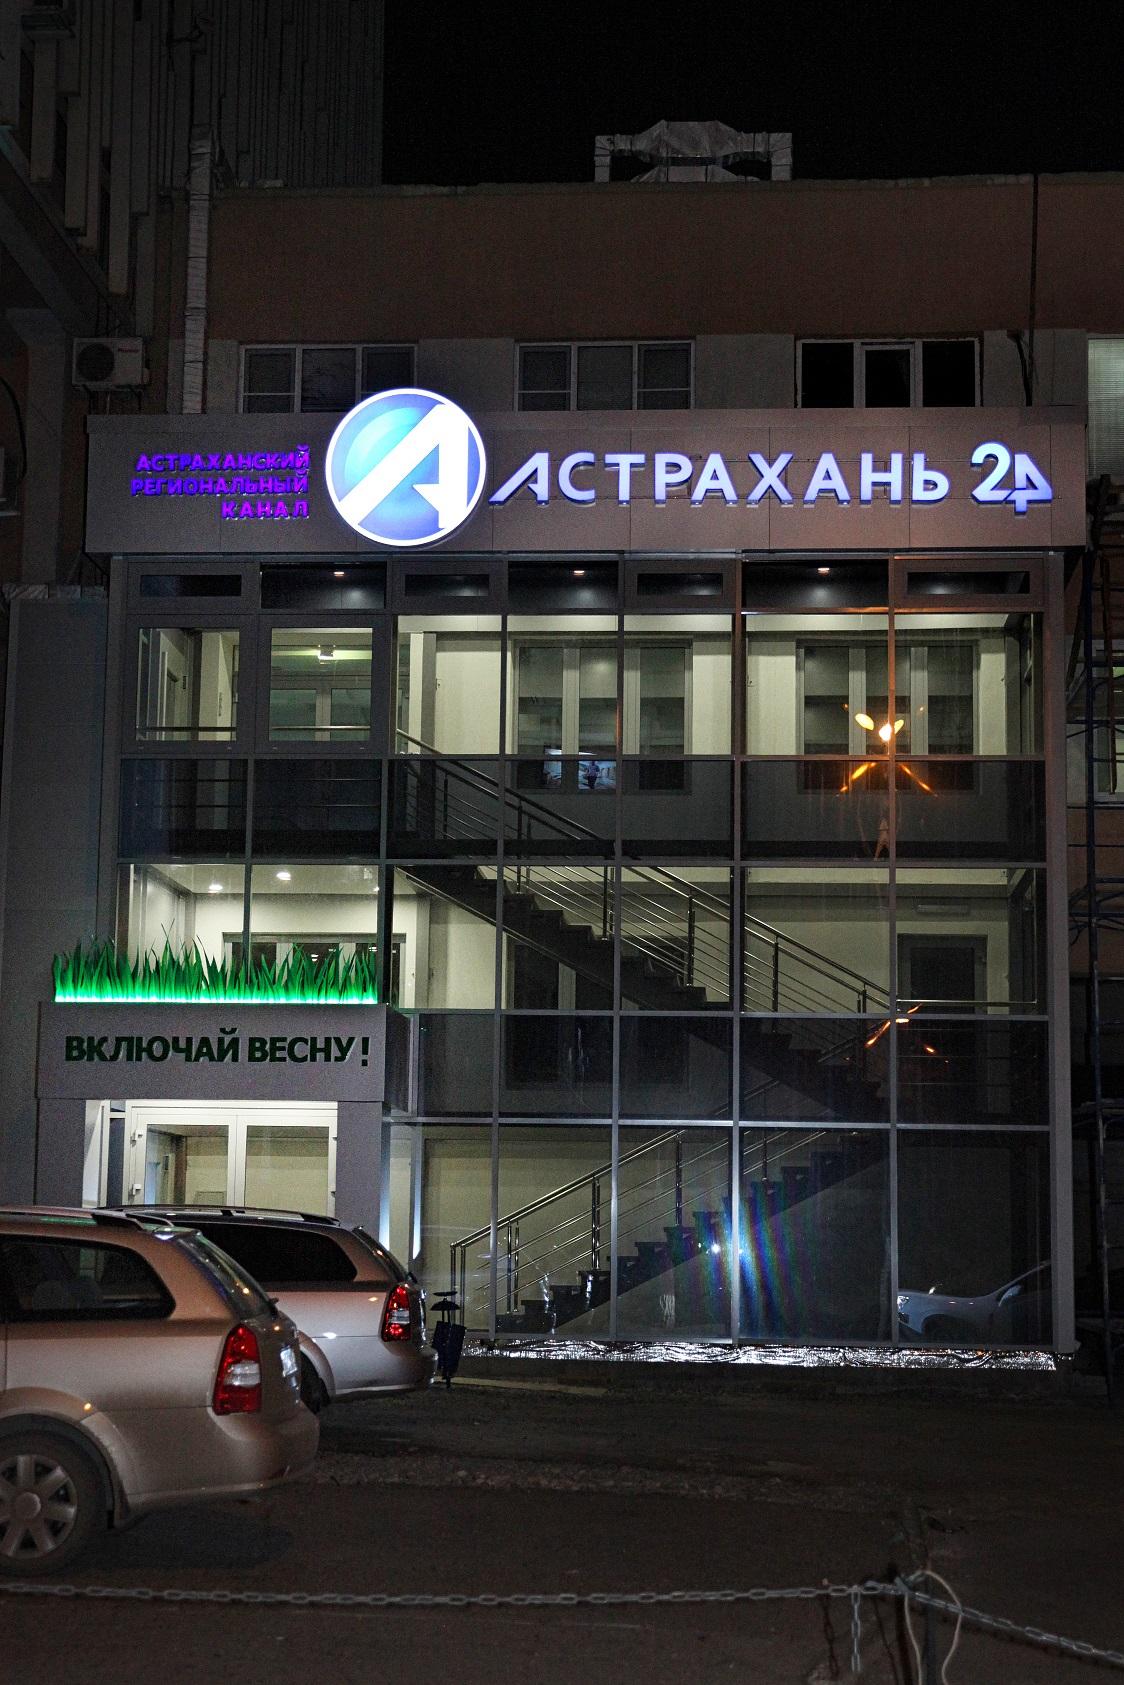 Вывеска Астрахань 24 ночь